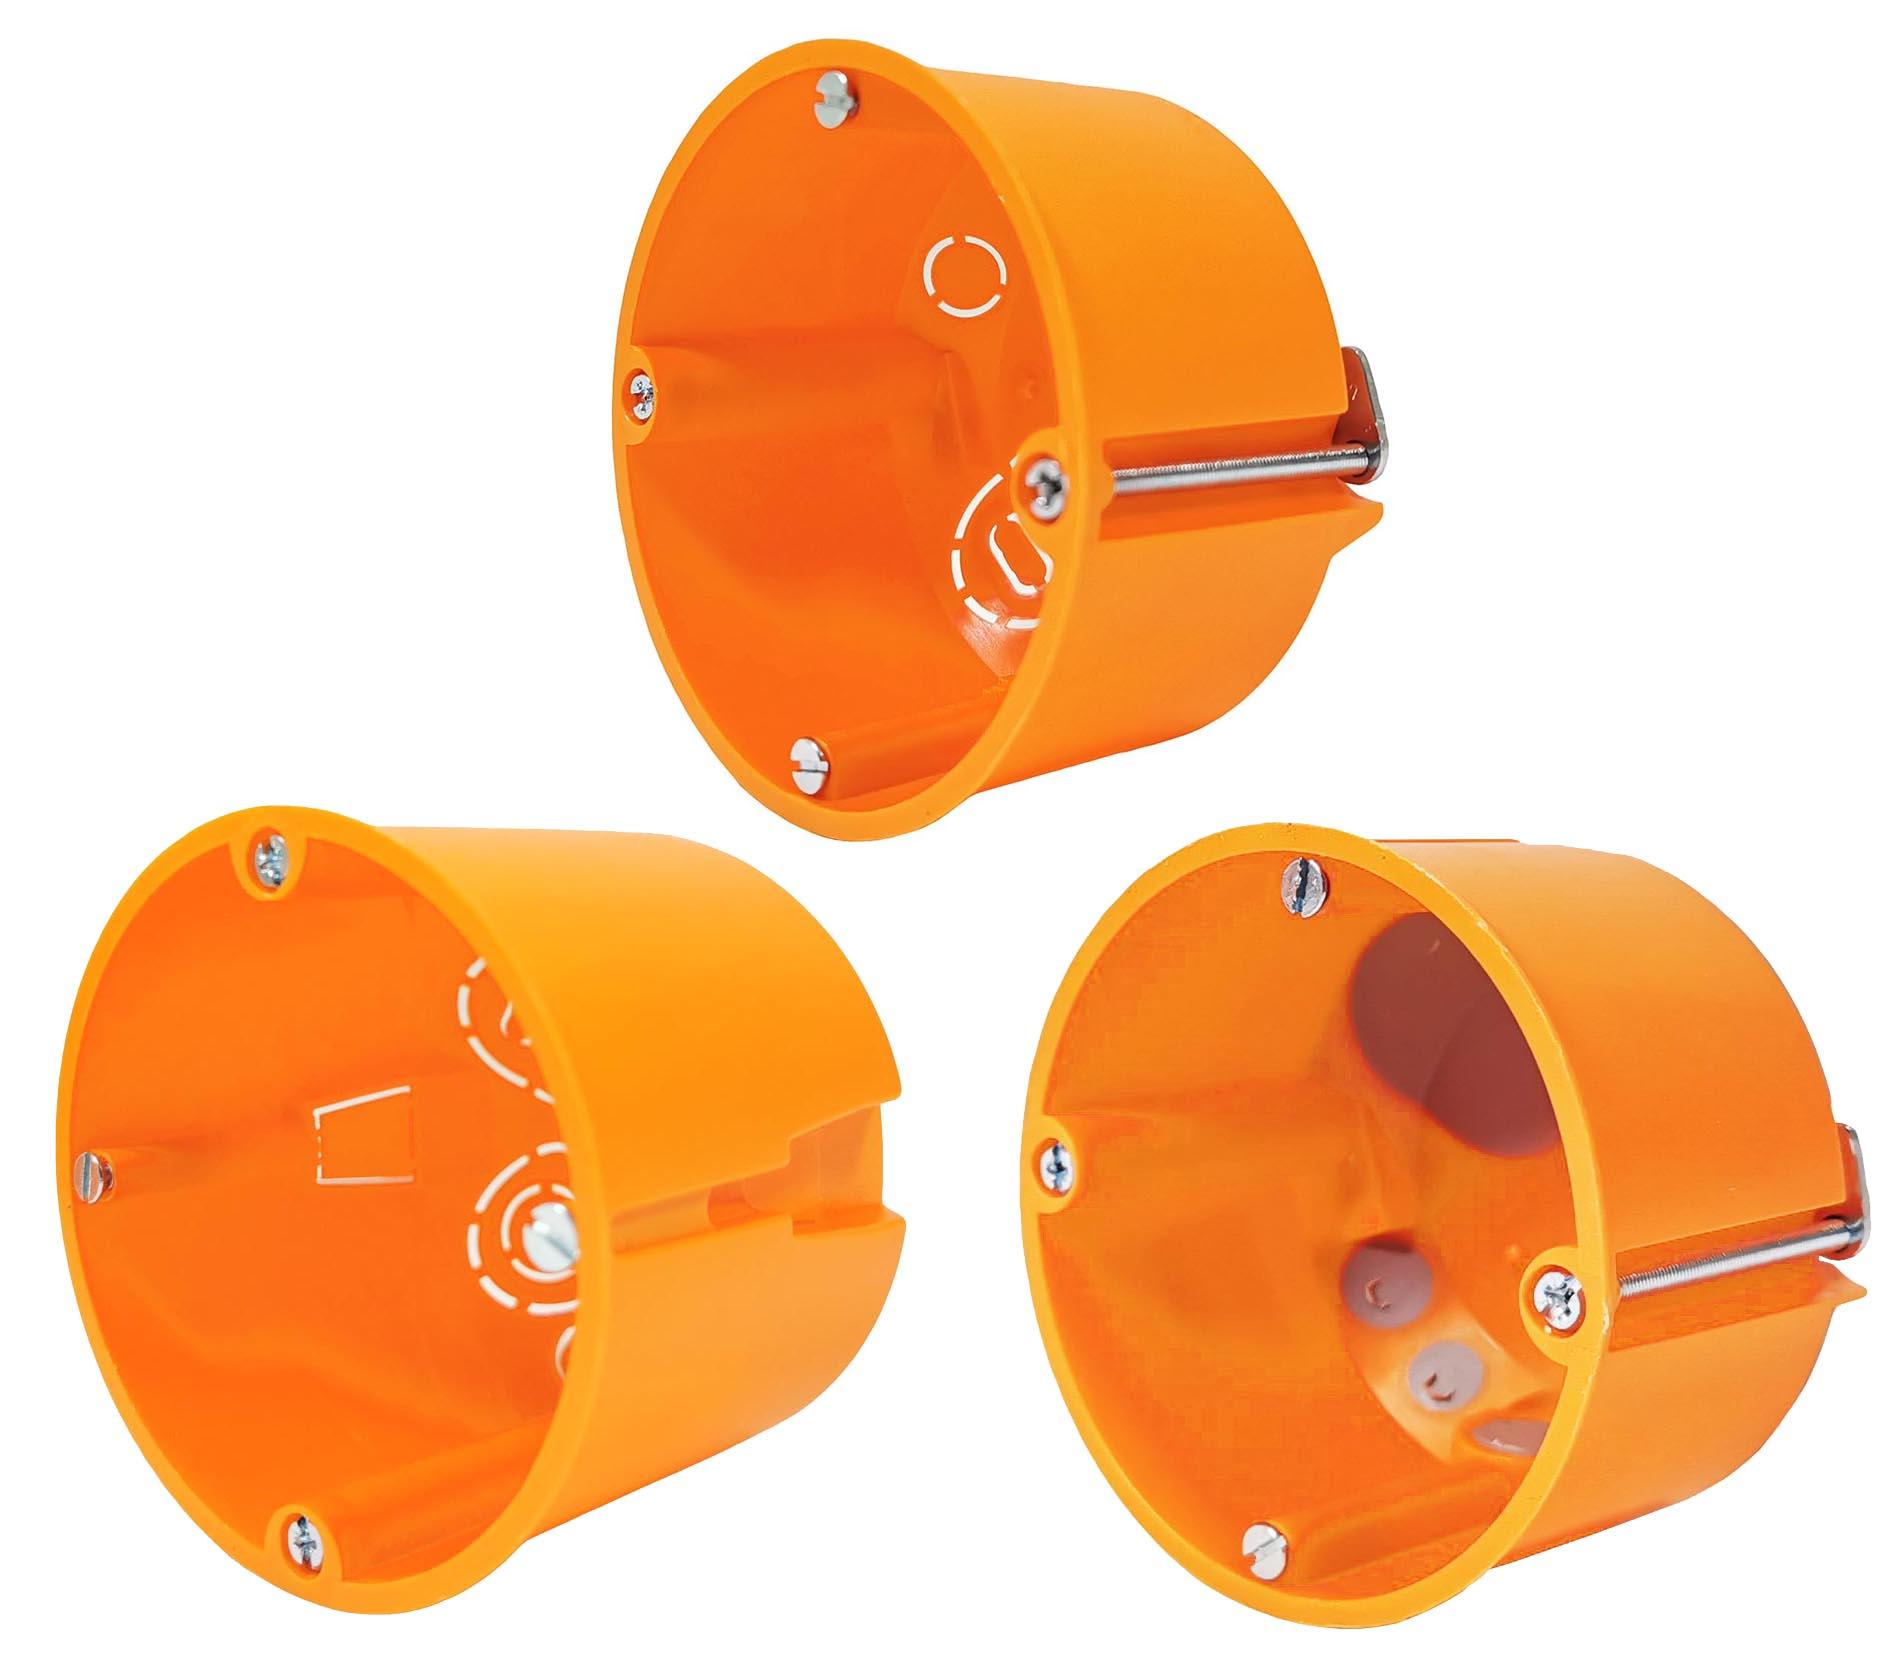 Hohlwanddose Schalterdose Hohlraum Gerätedose HW Dose Verteilerdose Unterputz